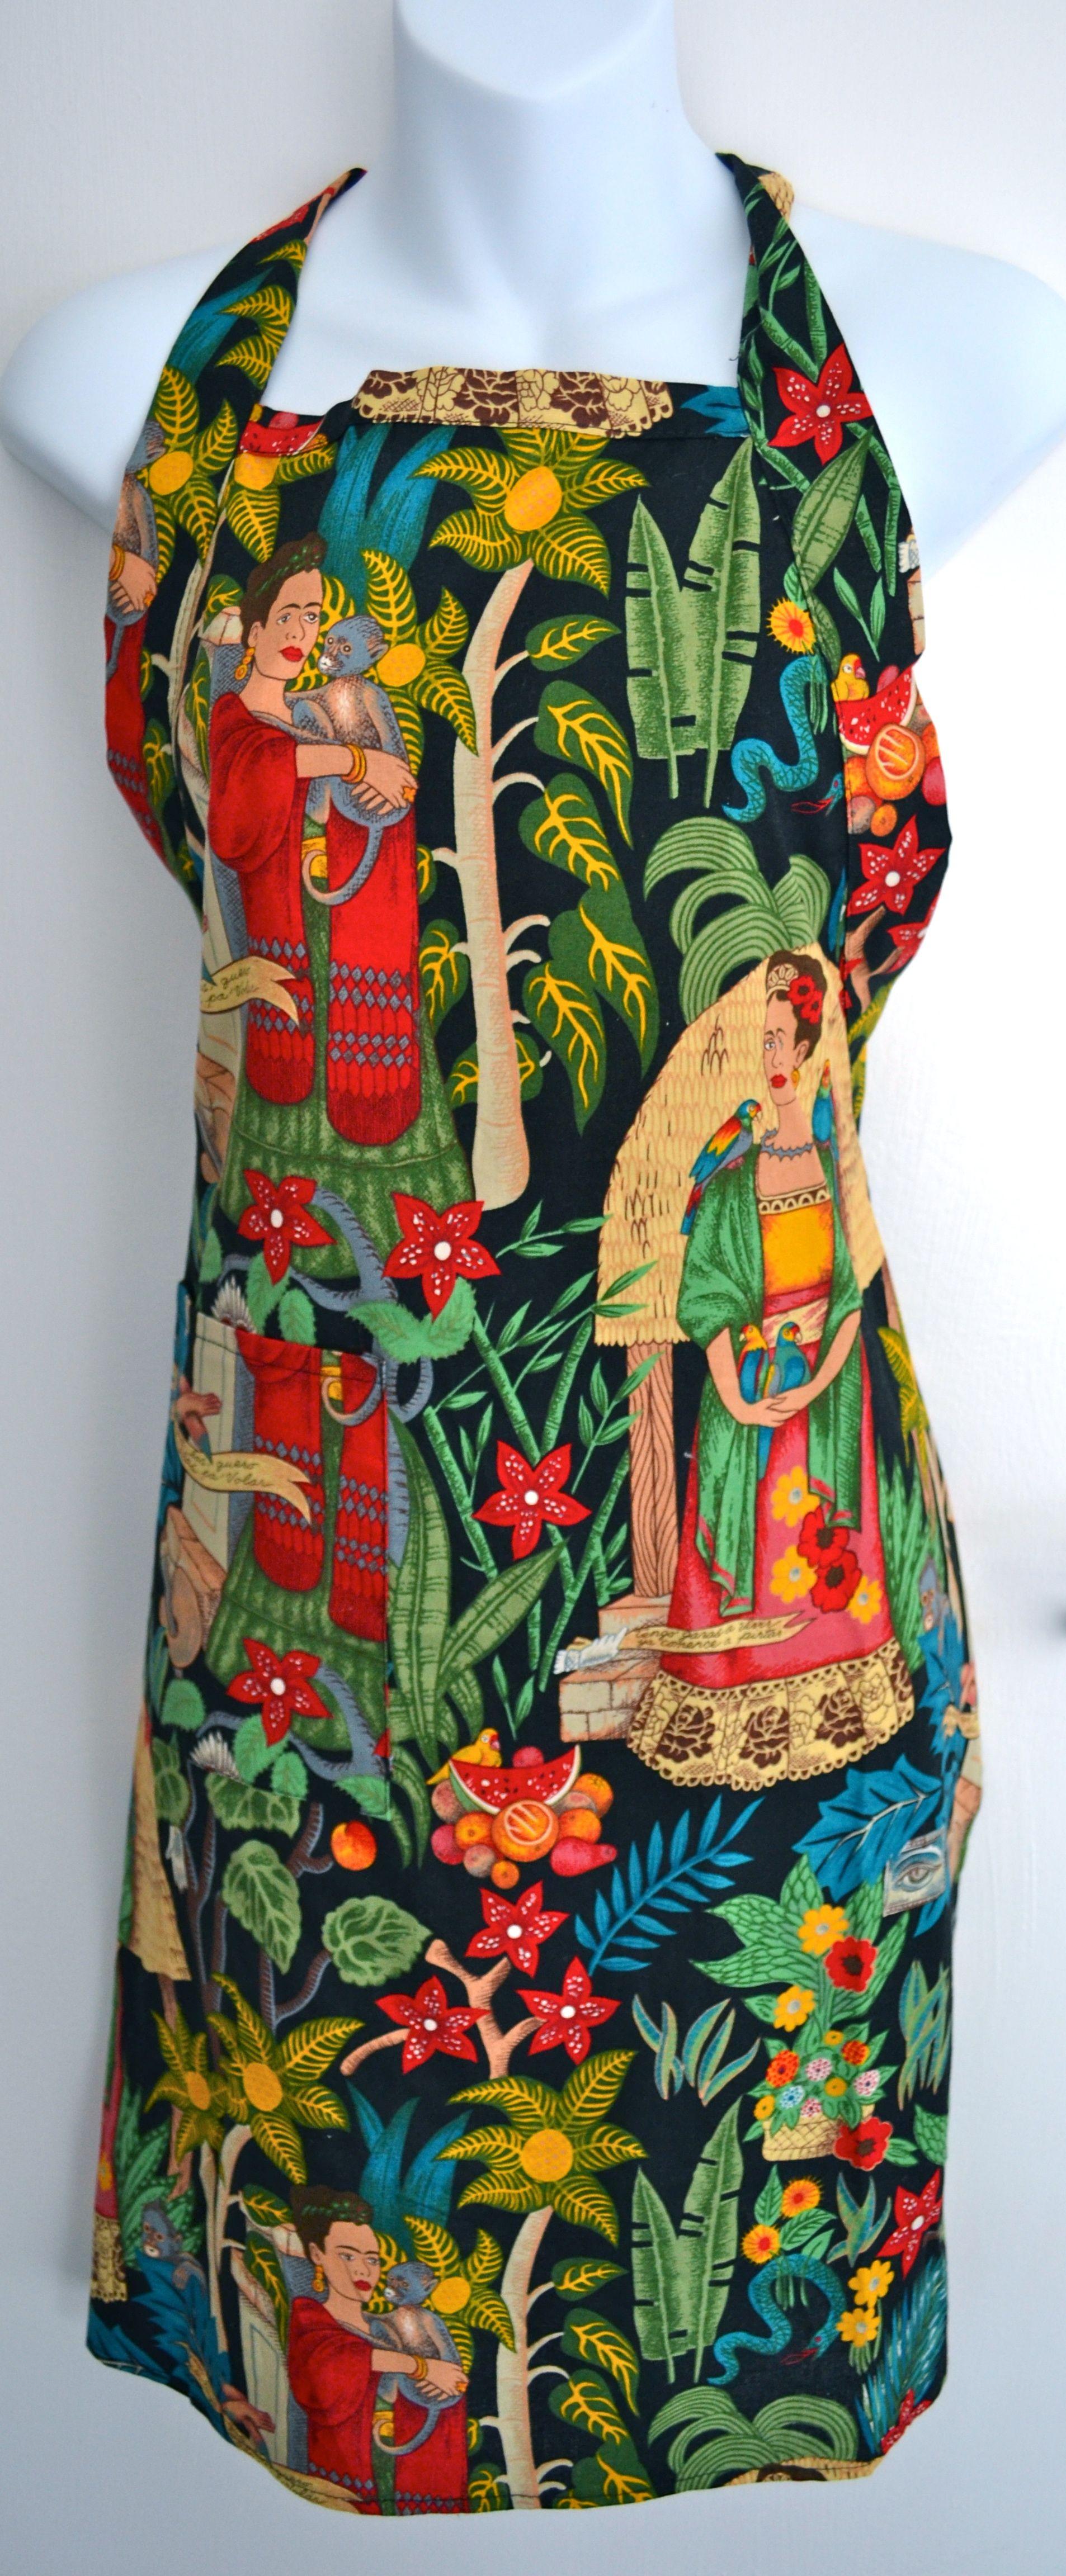 White ruffle apron australia - Frida Kahlo S Garden Apron Mexico Import Arts Australia